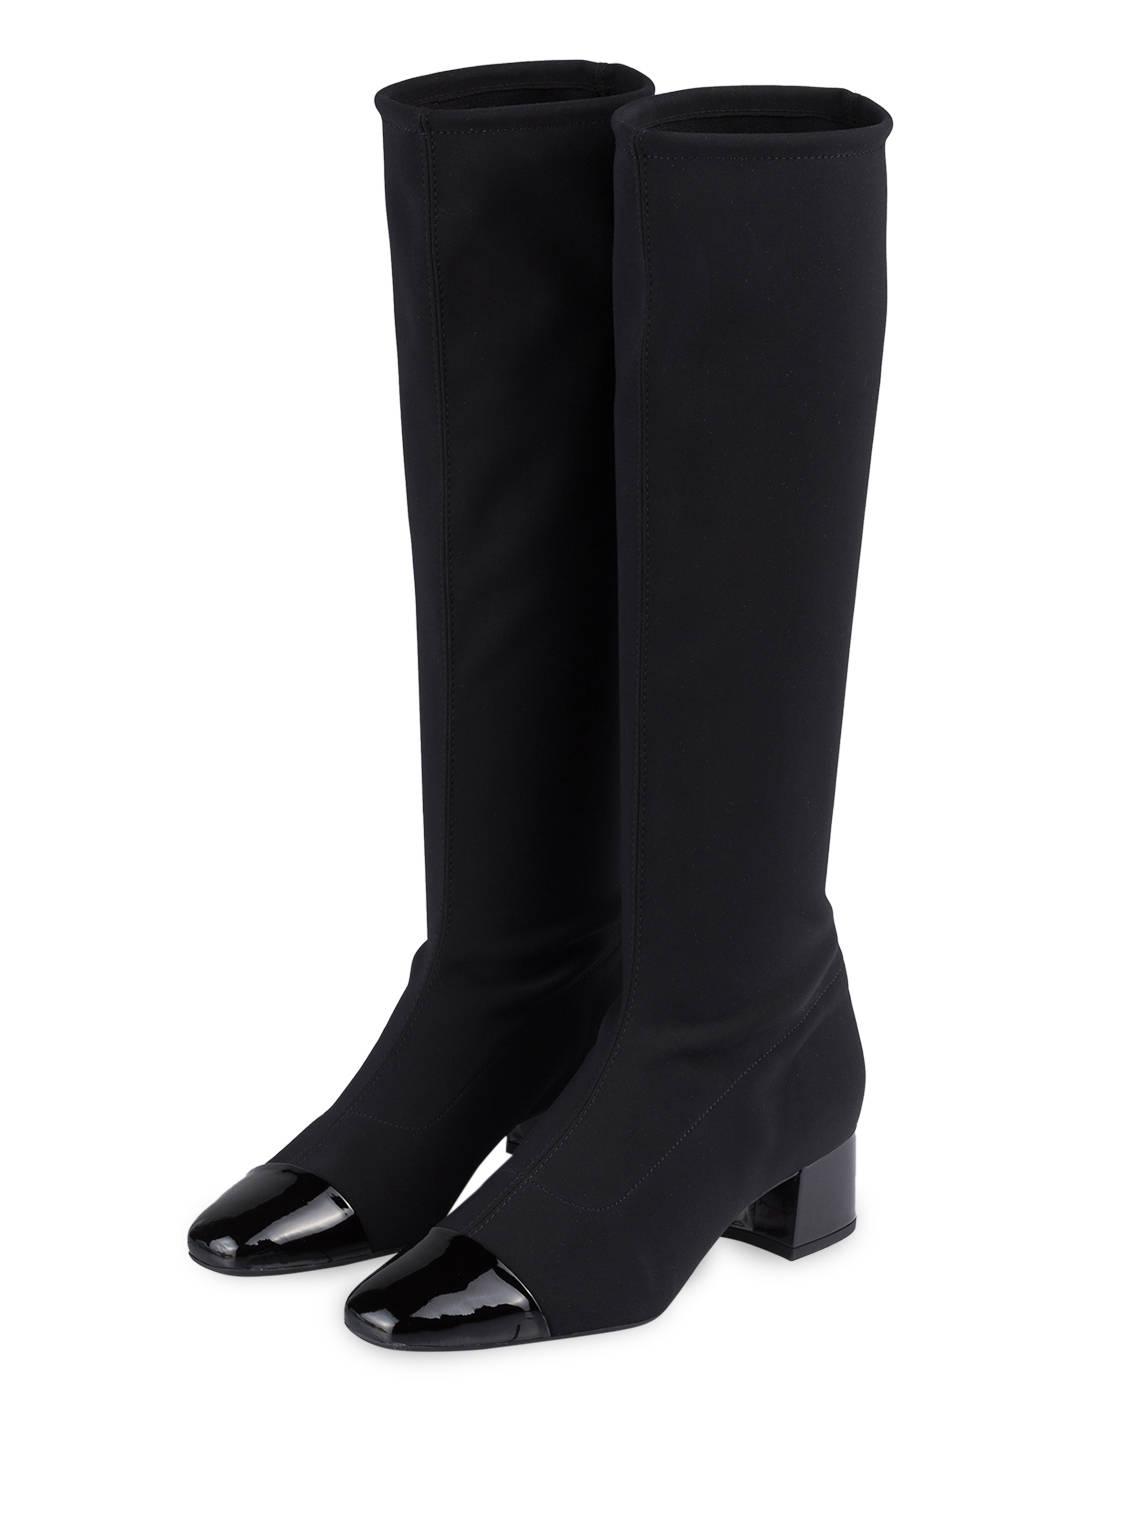 Artikel klicken und genauer betrachten! - So classy: Die Stiefel TINJA von PETER KAISER verbinden elegantes Design mit einem hochkomfortablen Tragegefühl. Das Duo präsentiert sich mit einem elastischen, schmalen Schaft und Ziernähten am Fußbereich. Einsätze von Lackleder an der Kappe und am Absatz setzen willkommene Akzente. Überzeugen Sie mit schlichter Eleganz! Details: Textil und Lackleder. Lack-Kappe in Karree-Form. Elastischer, schmaler Schaft. Ziernähte am Fußbereich. Überzogener Blockabsatz. - Schaftweite: 35 cm- Schafthöhe: 42 cm- Absatzhöhe: 4,5 cm Der Artikelversand kostet soweit nicht anders angegeben 3.95 € und der Artikel gehört zur Kategorie: Schuhe. | im Online Shop kaufen